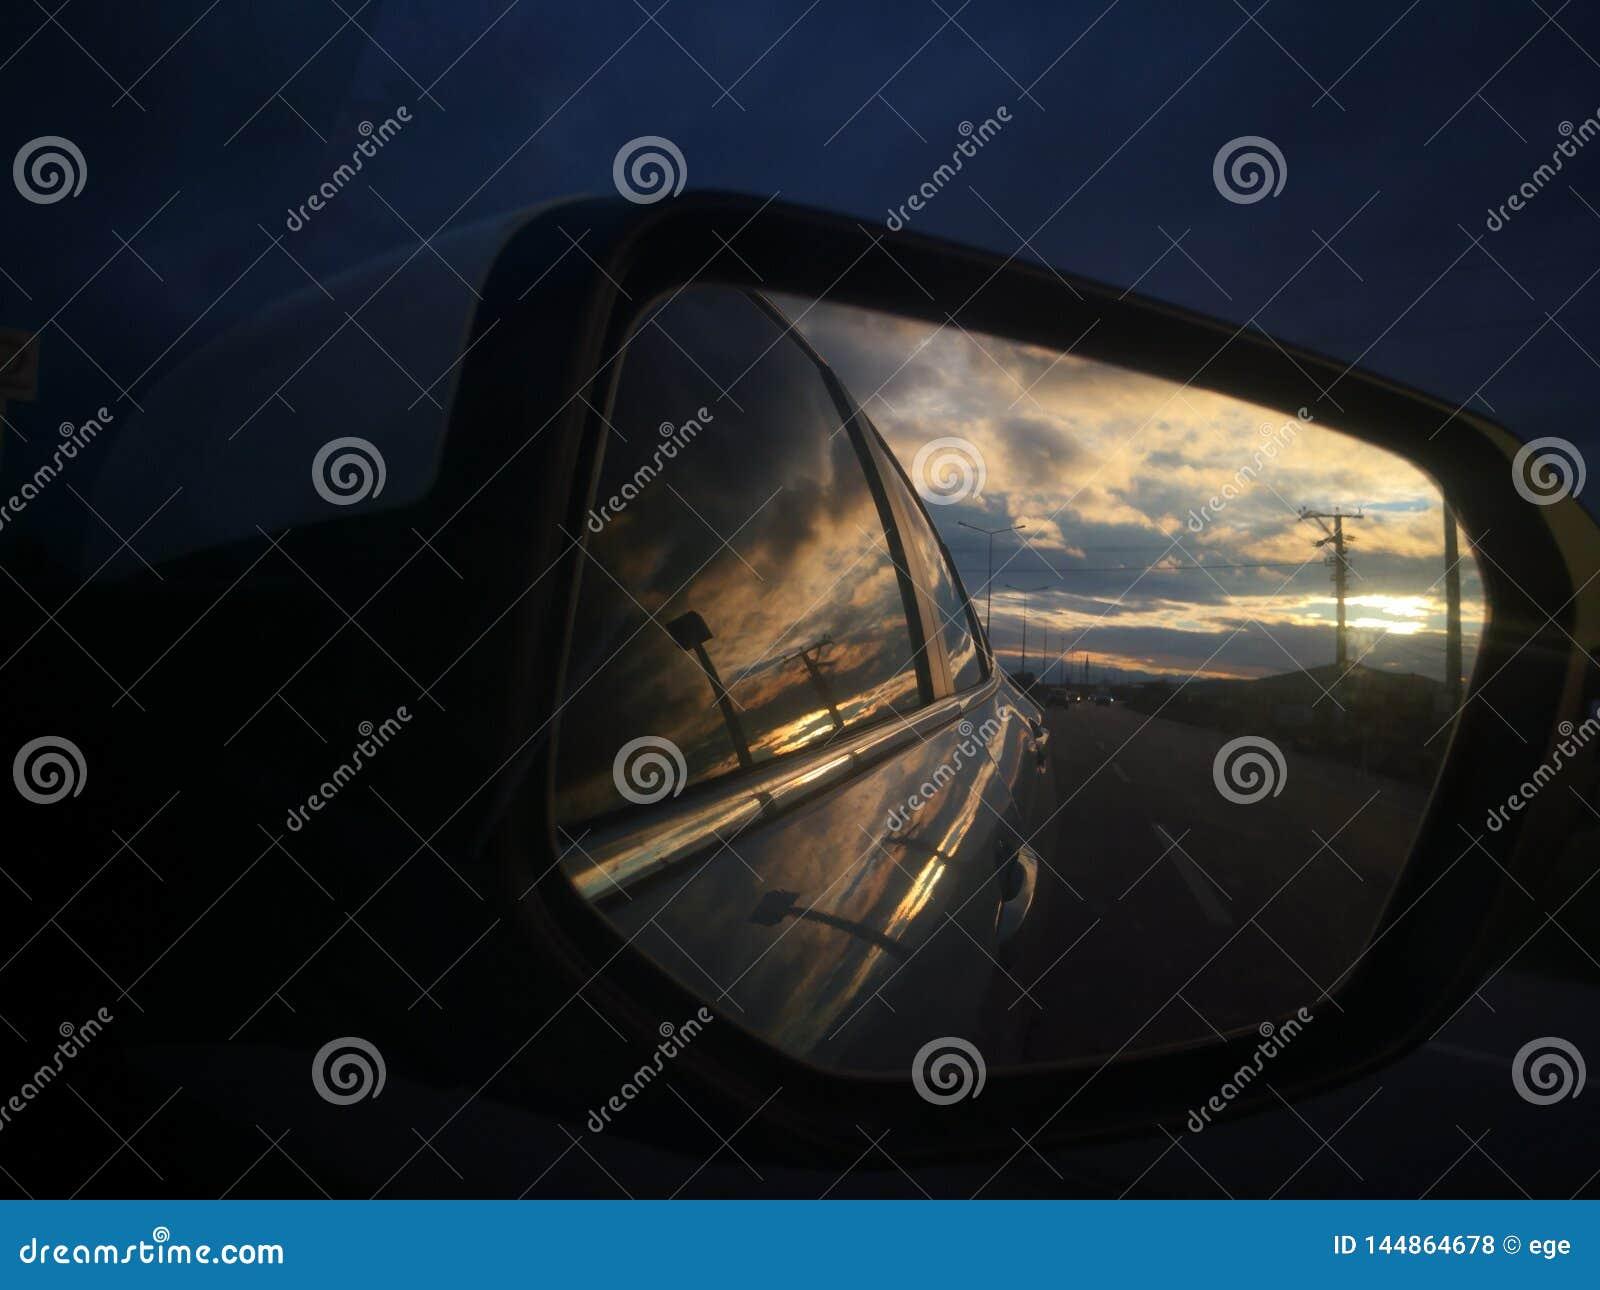 Autowolkenspiegelsonnenuntergangschöne Spiegelung der Tiersonnenskorpions-Partei kühl